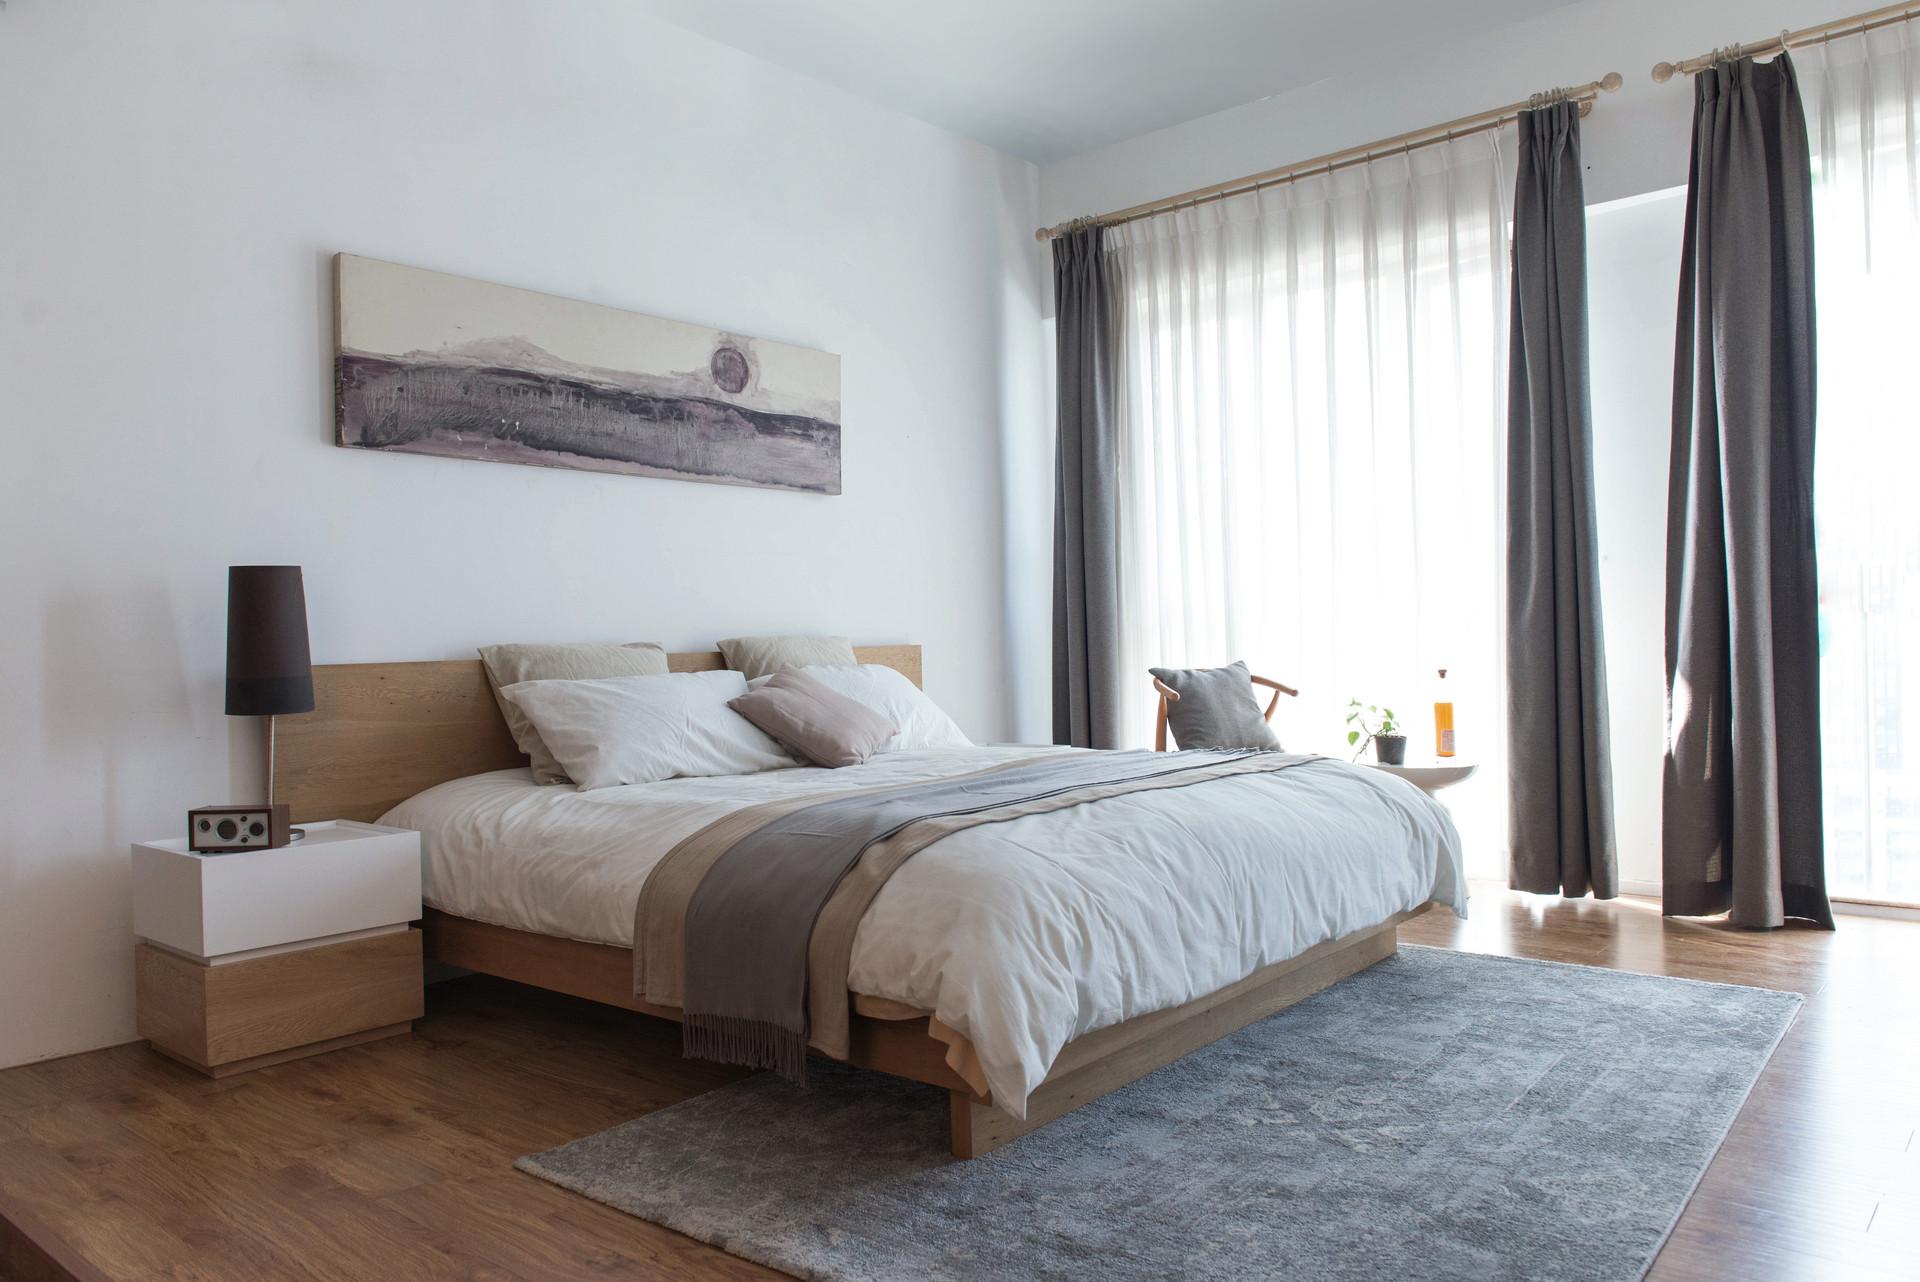 想要好睡眠,卧室窗帘选择有技巧